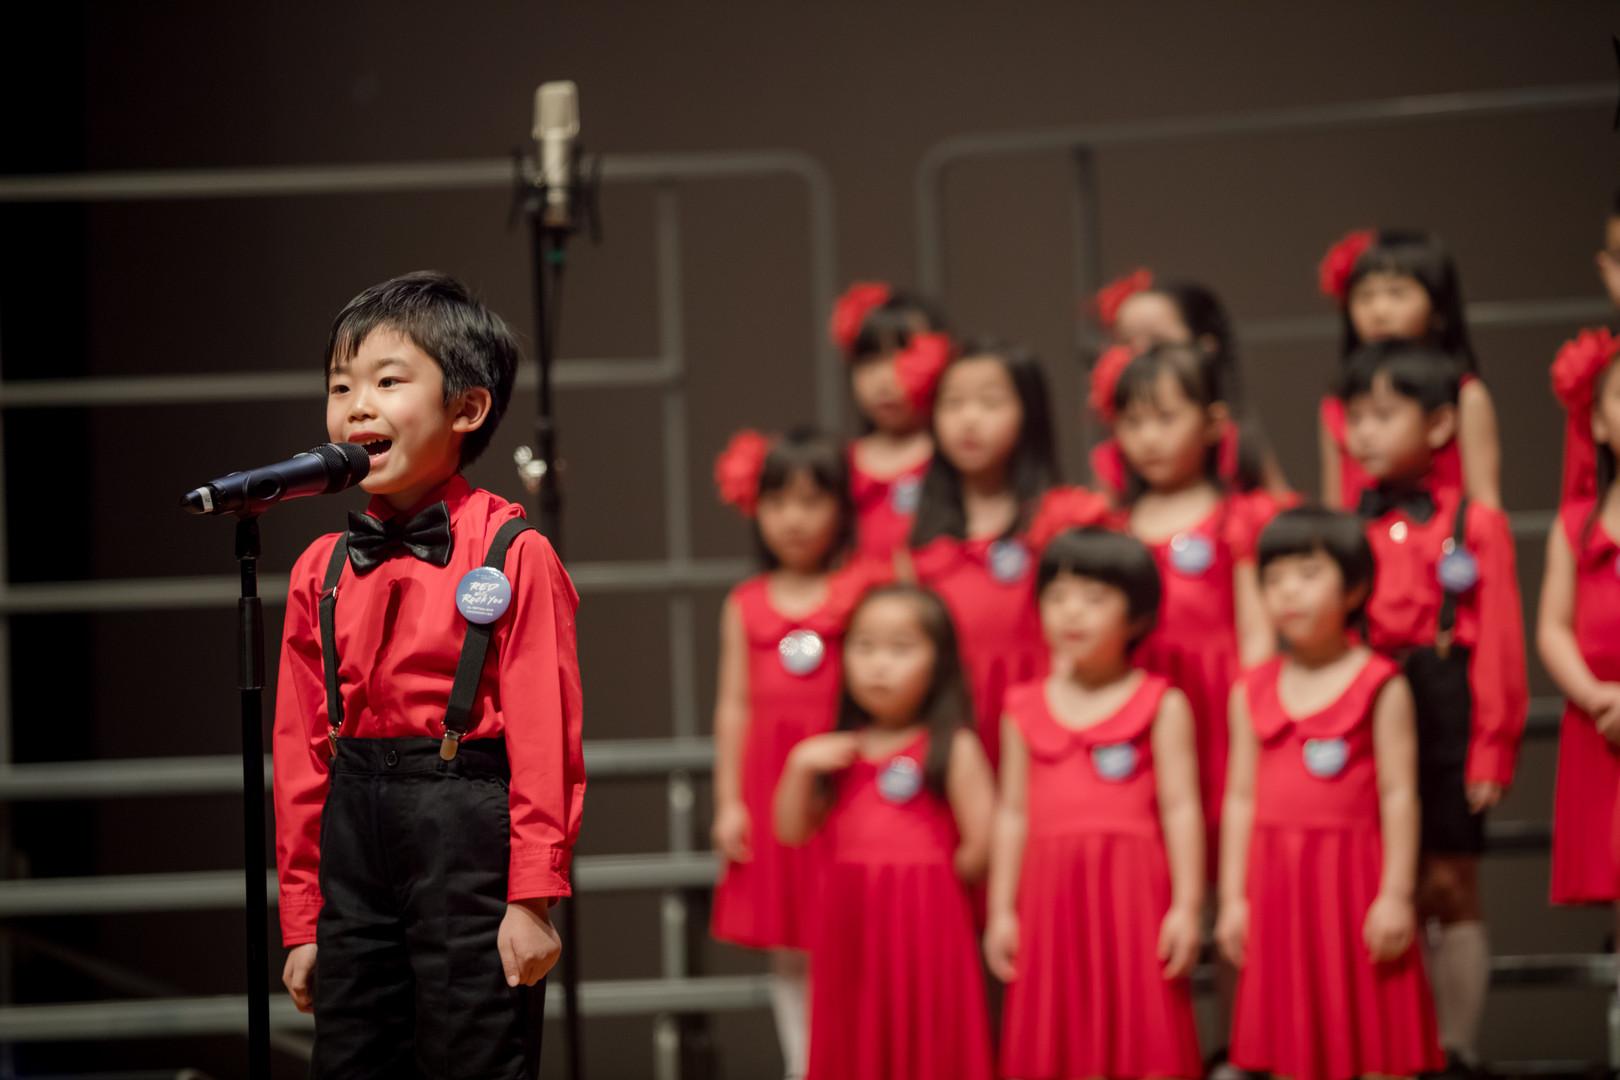 0074_mini_29 april_the show choir_johnny